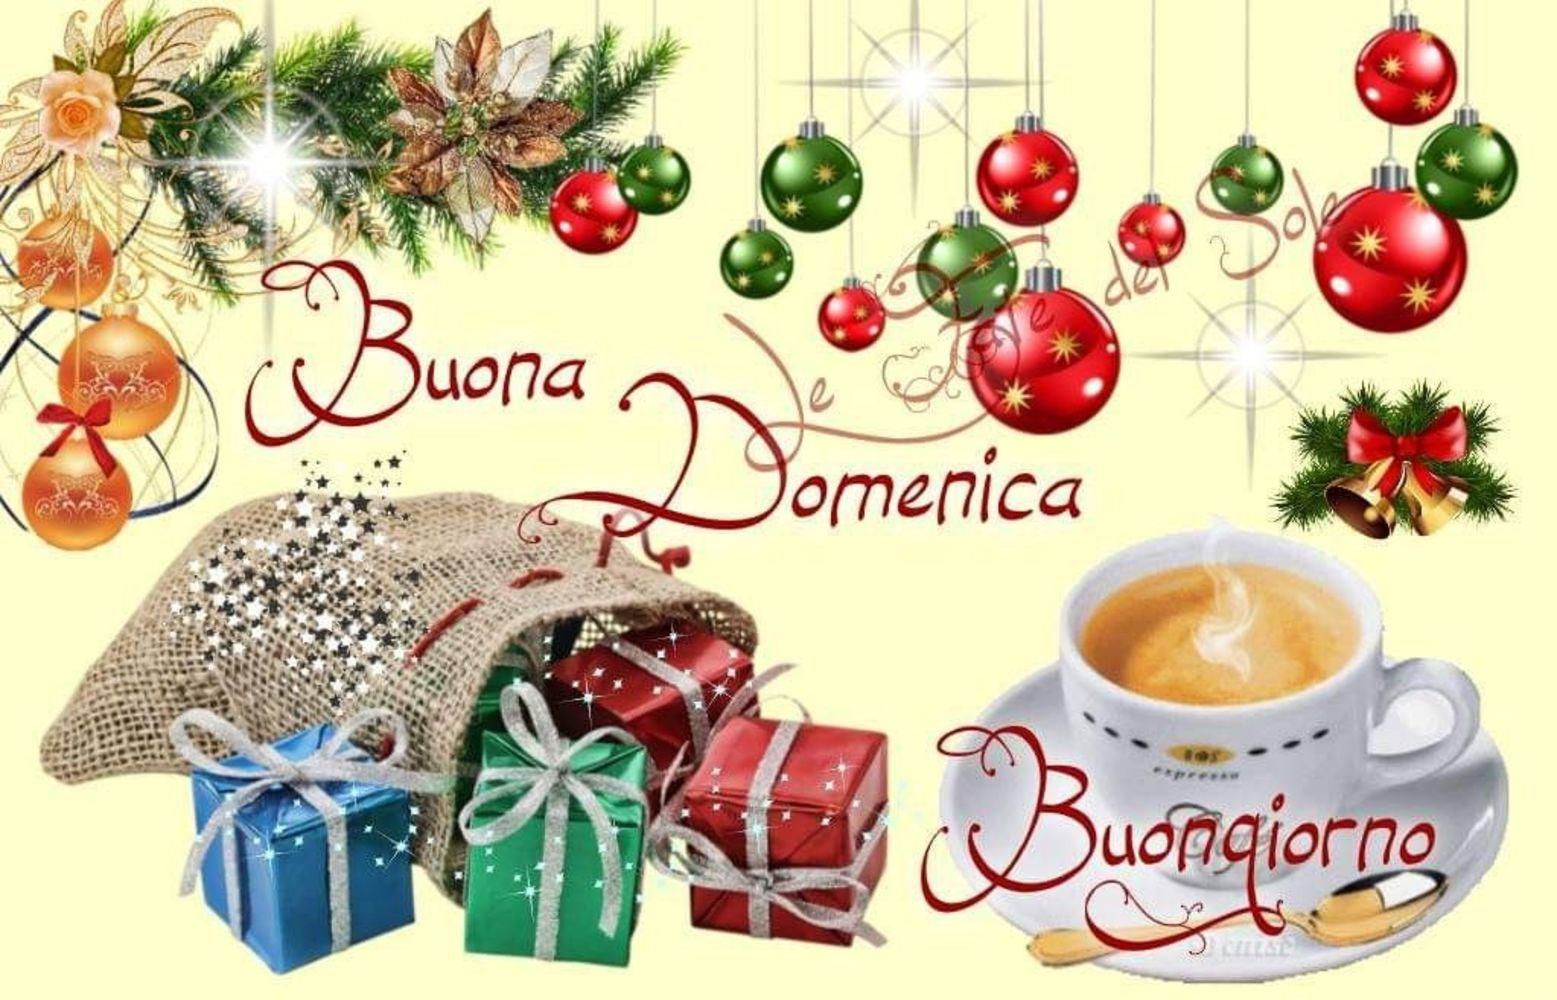 Buona-Domenica-020